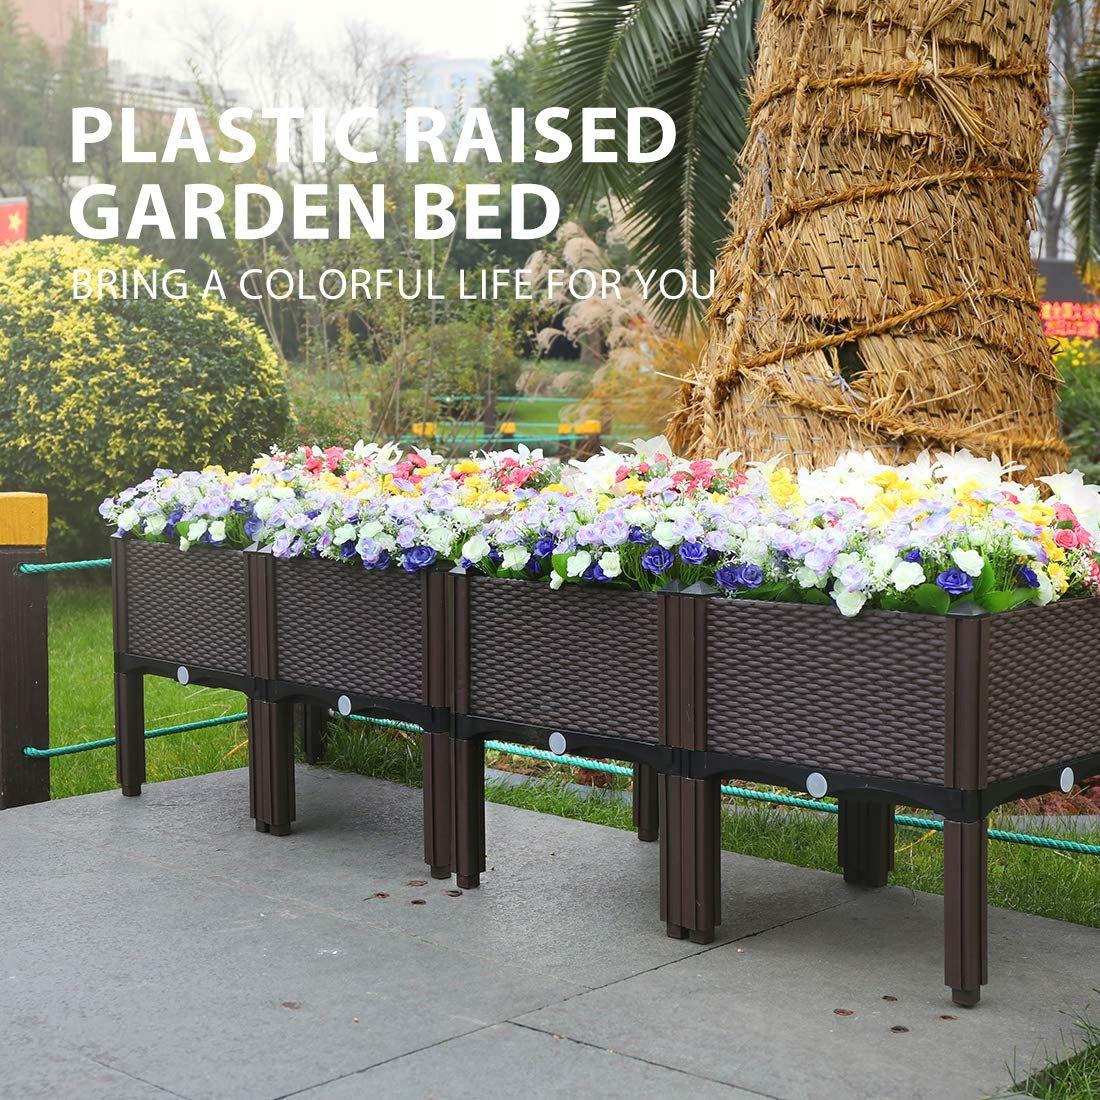 Plastic Raised Garden Bed Planter Kit Brown Set of 4